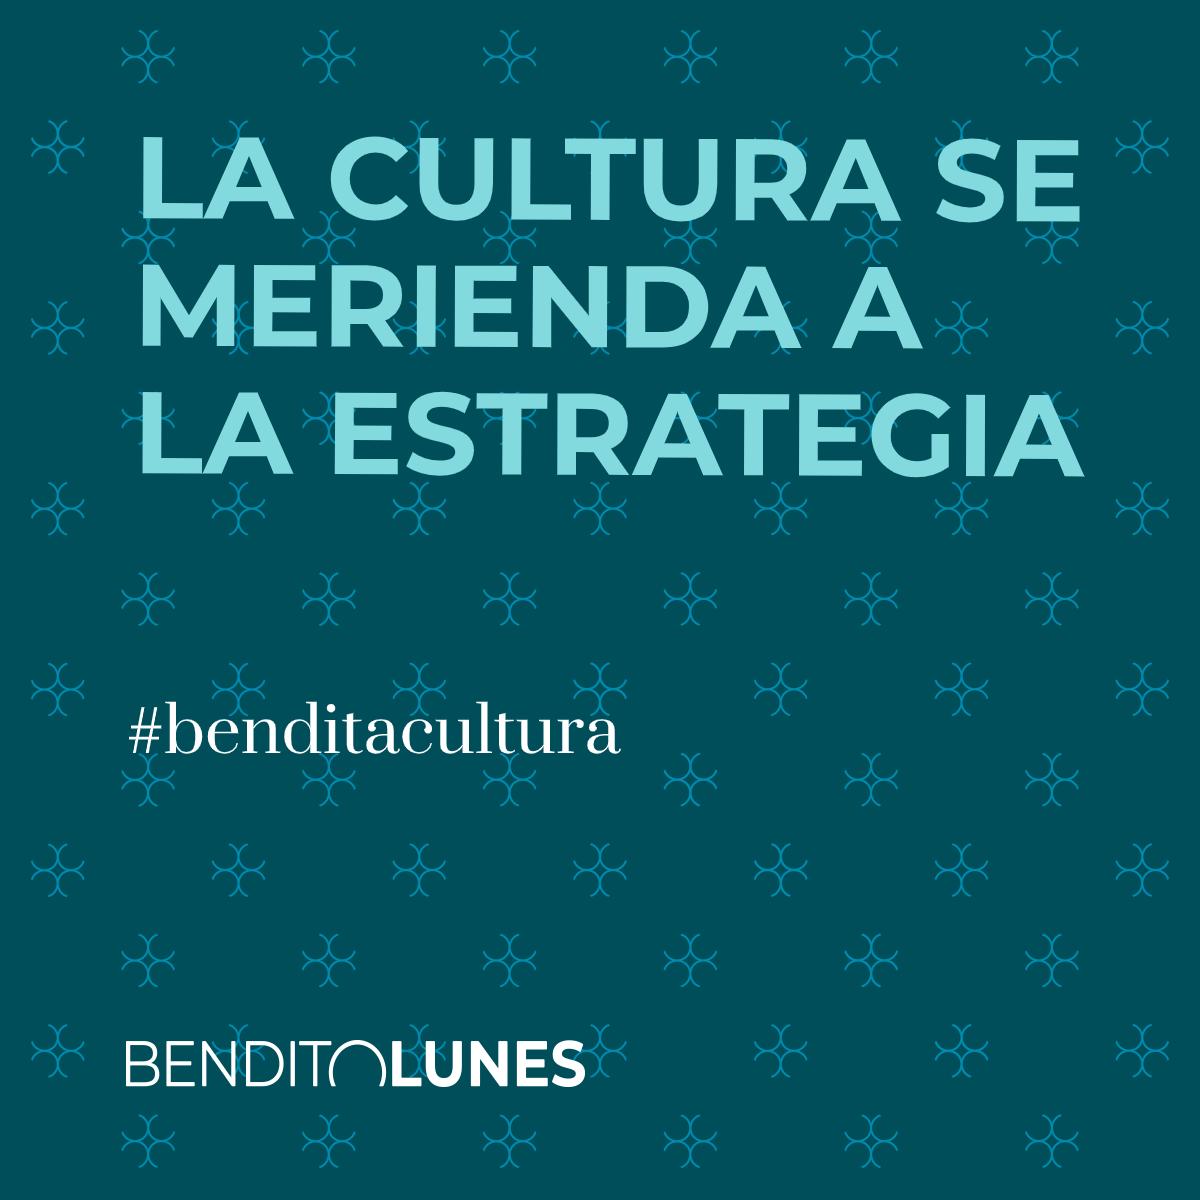 Bendita cultura